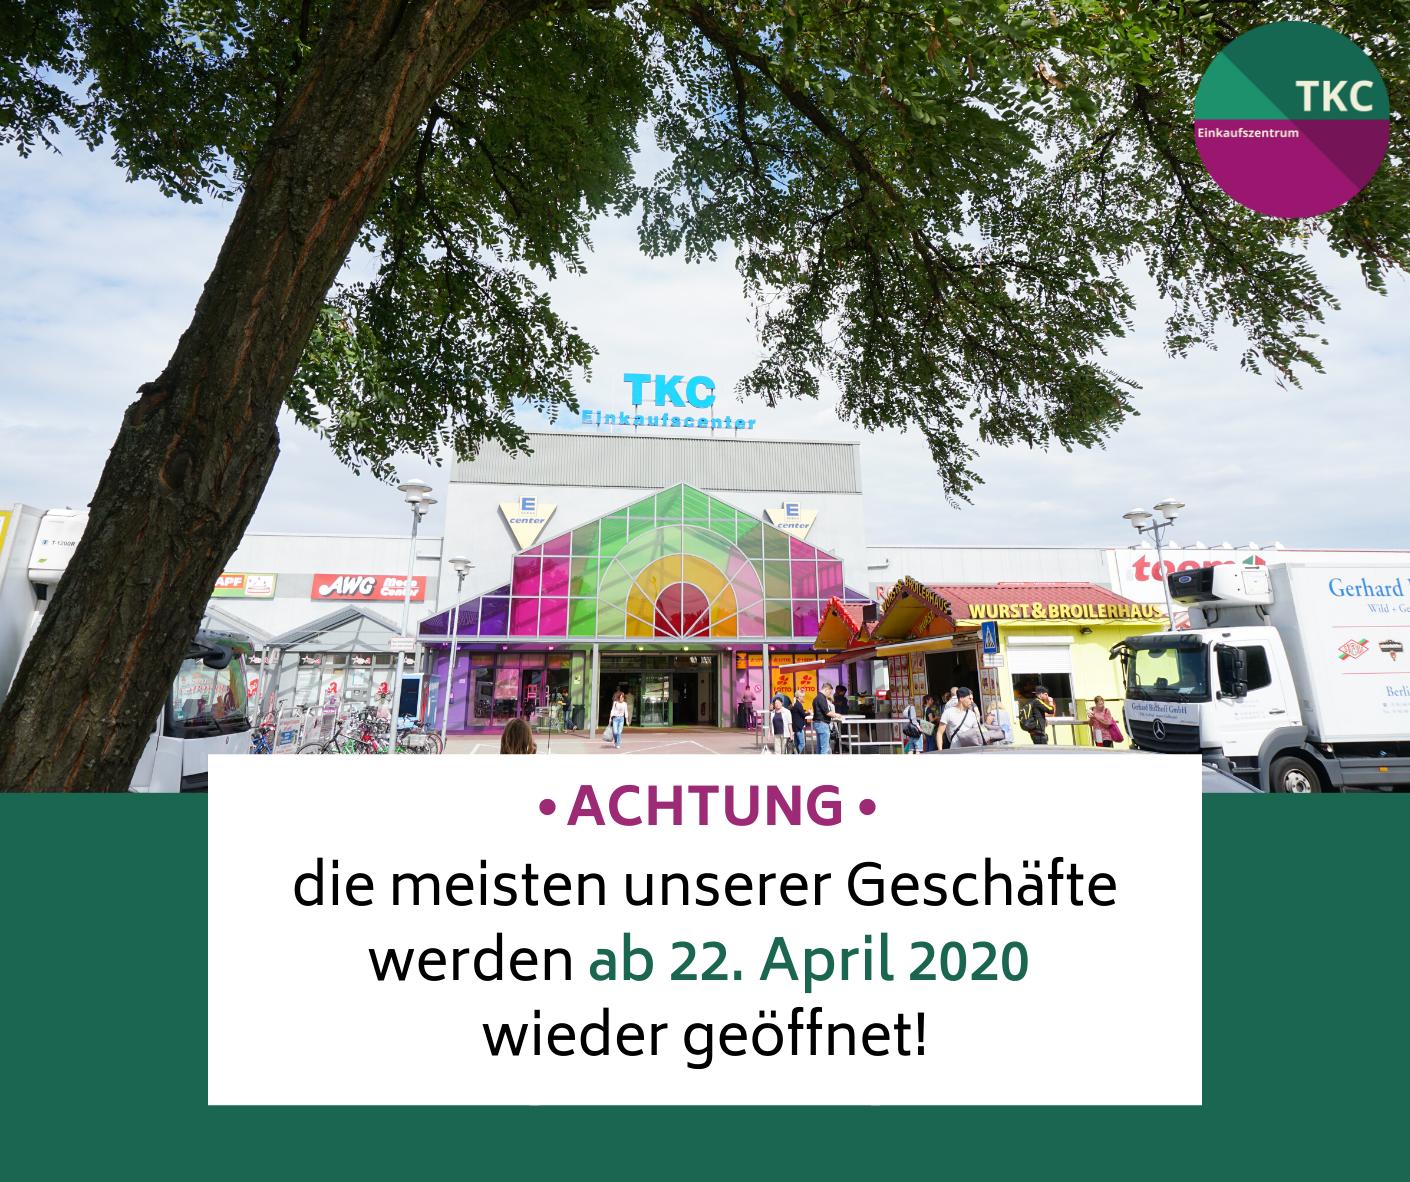 TKC Cottbus: Öffnung der Geschäfte in Brandenburg ab 22. April 2020